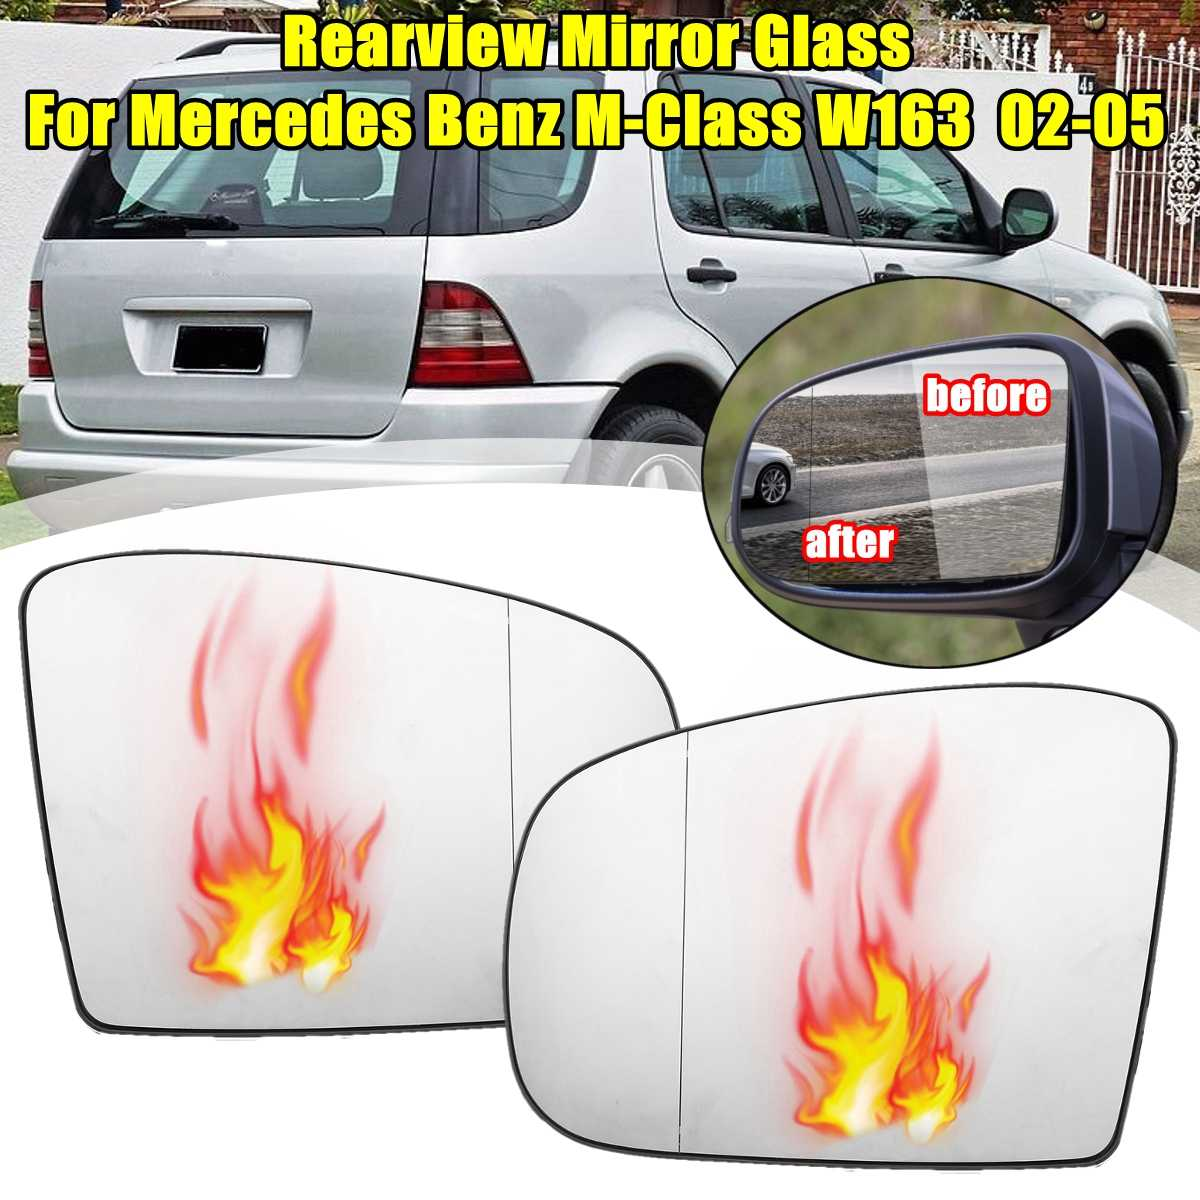 Esquerda/Direita Antifog Espelho Retrovisor Aquecido Vidro Do Espelho Do Lado do Porta Do Carro Para Mercedes Benz para M-Classe W163 2002 2003 2004 2005